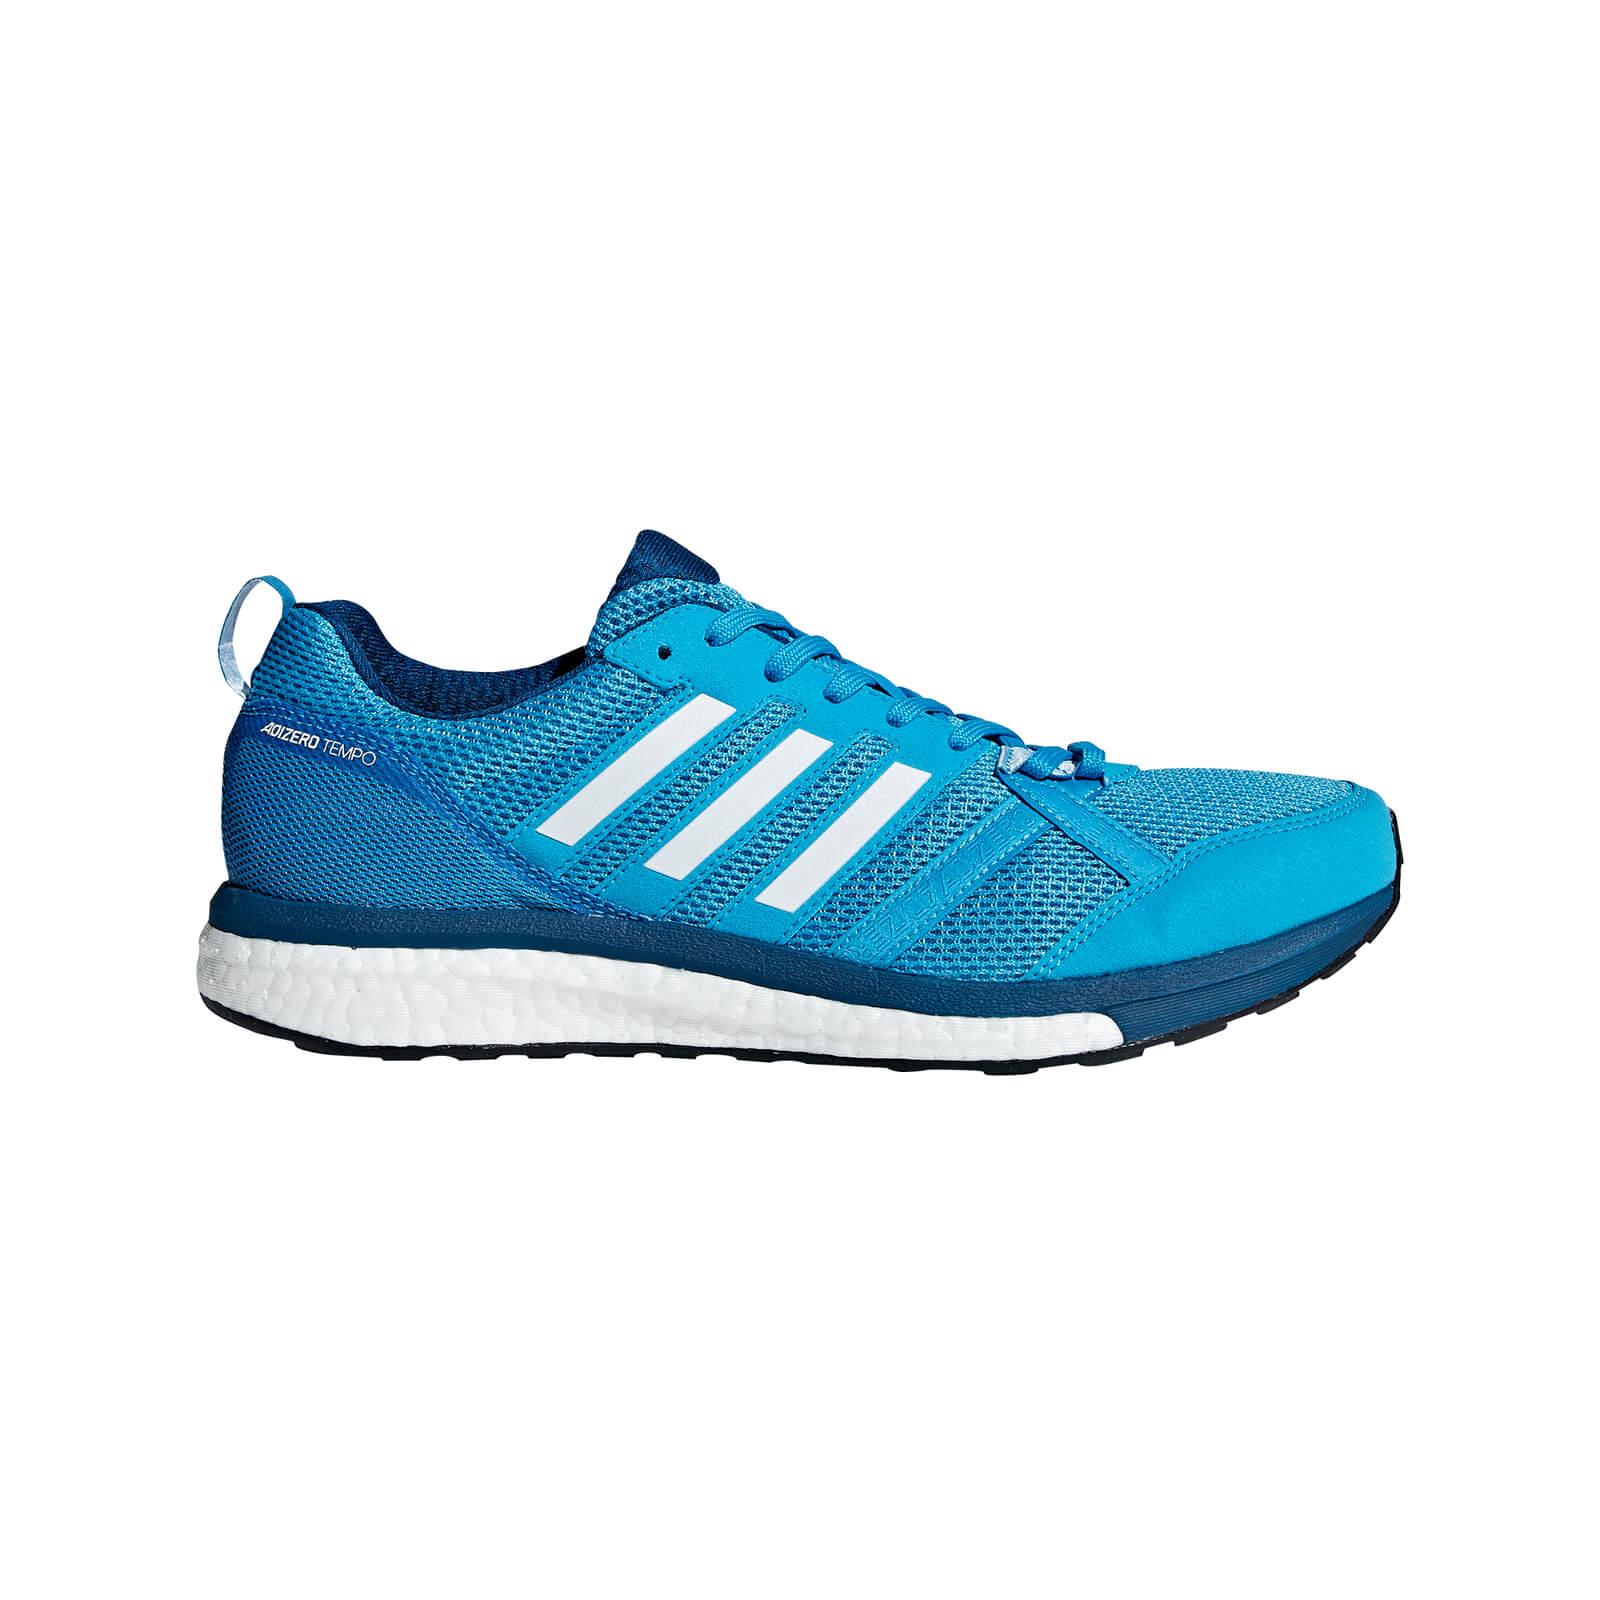 reputable site 8359c 2aa65 adidas Men's Adizero Tempo 9 Running Shoes - Blue